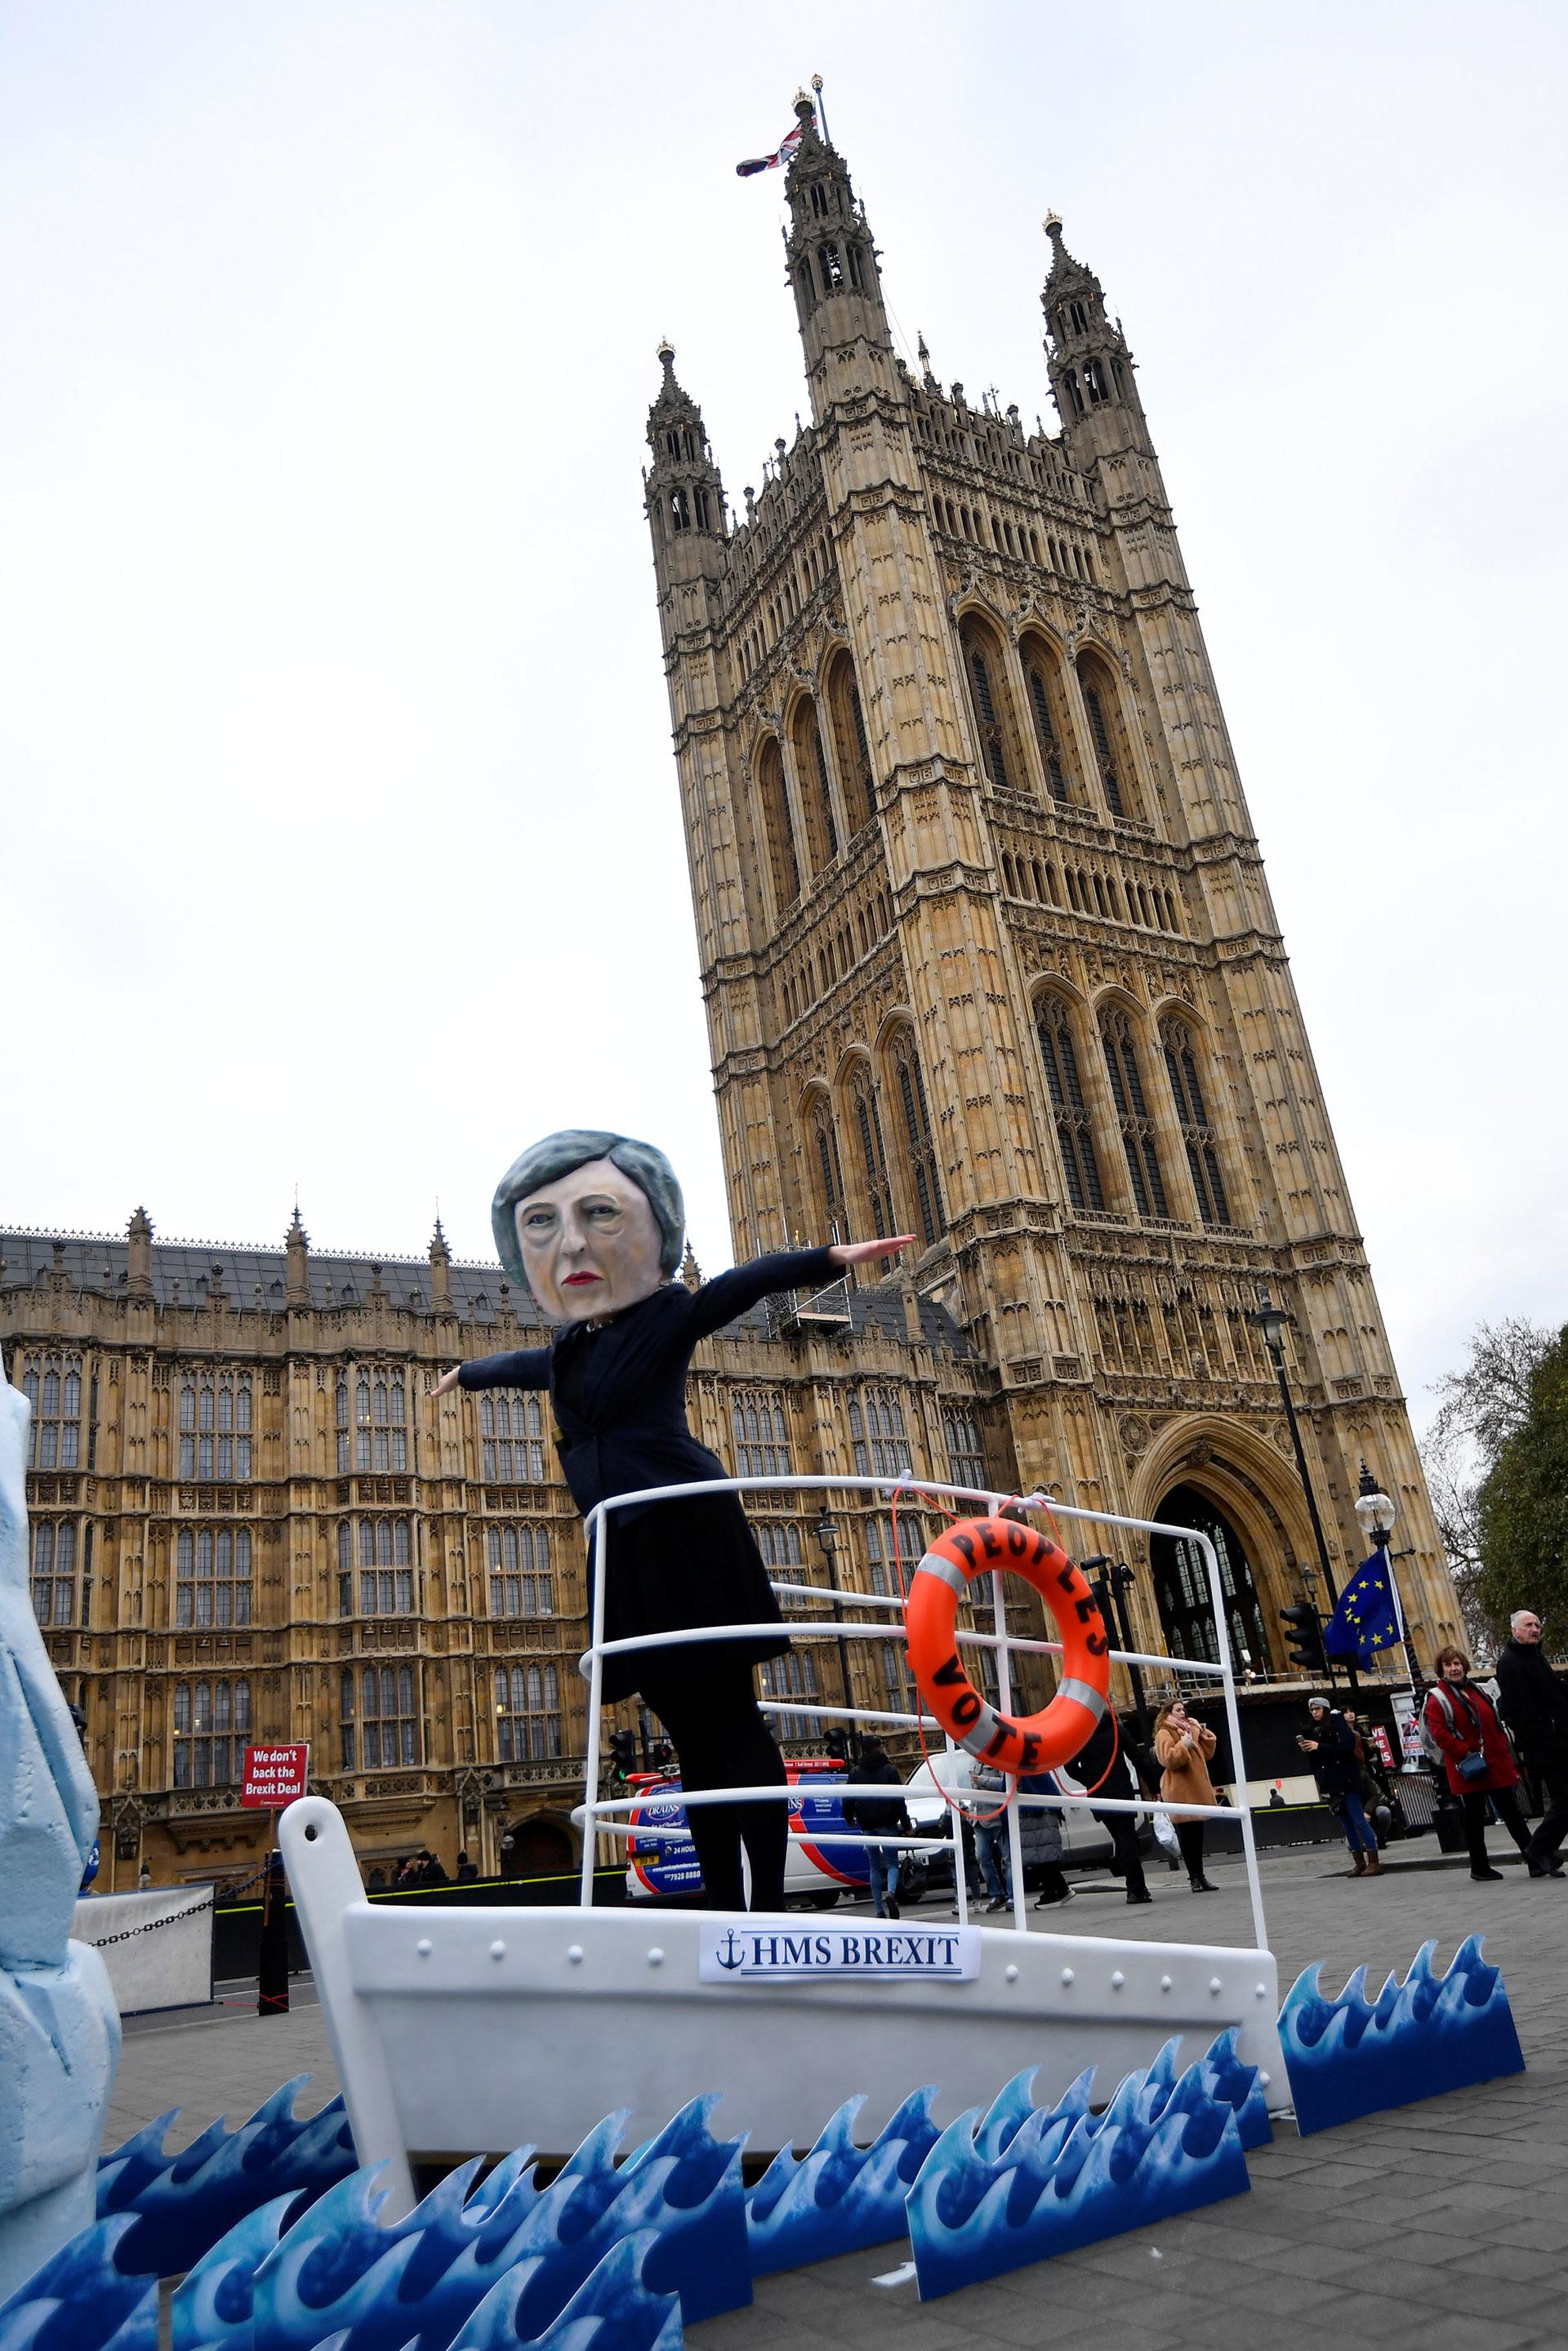 Activistas anti-Brexit del grupo de activismo global Avaaz participan en una manifestación con un simulacro de Titanic, ante el parlamento de Westminster en Londres, Gran Bretaña, el 15 de enero de 2019. (Reuters)